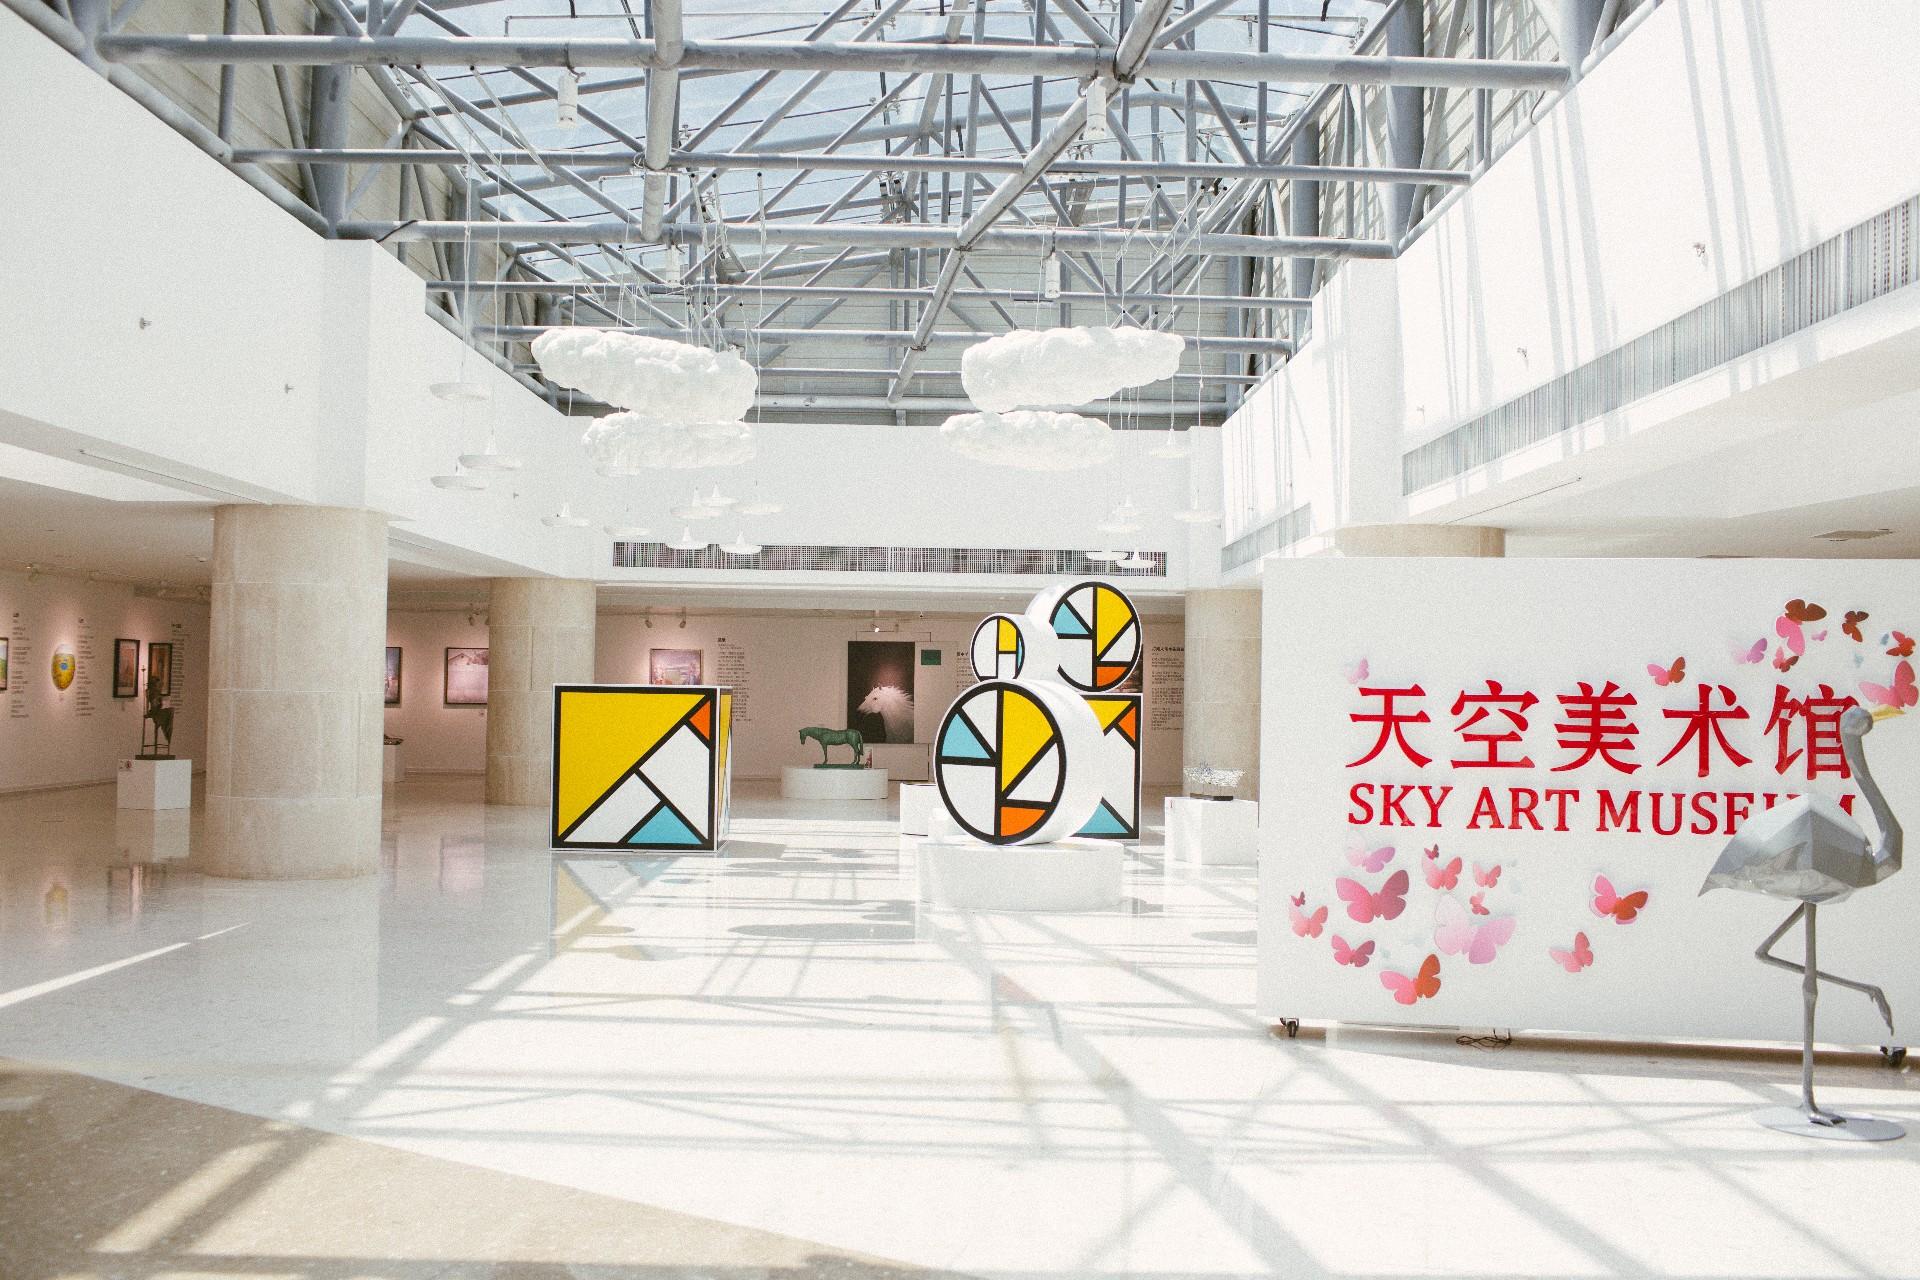 天空美术馆-1.jpg